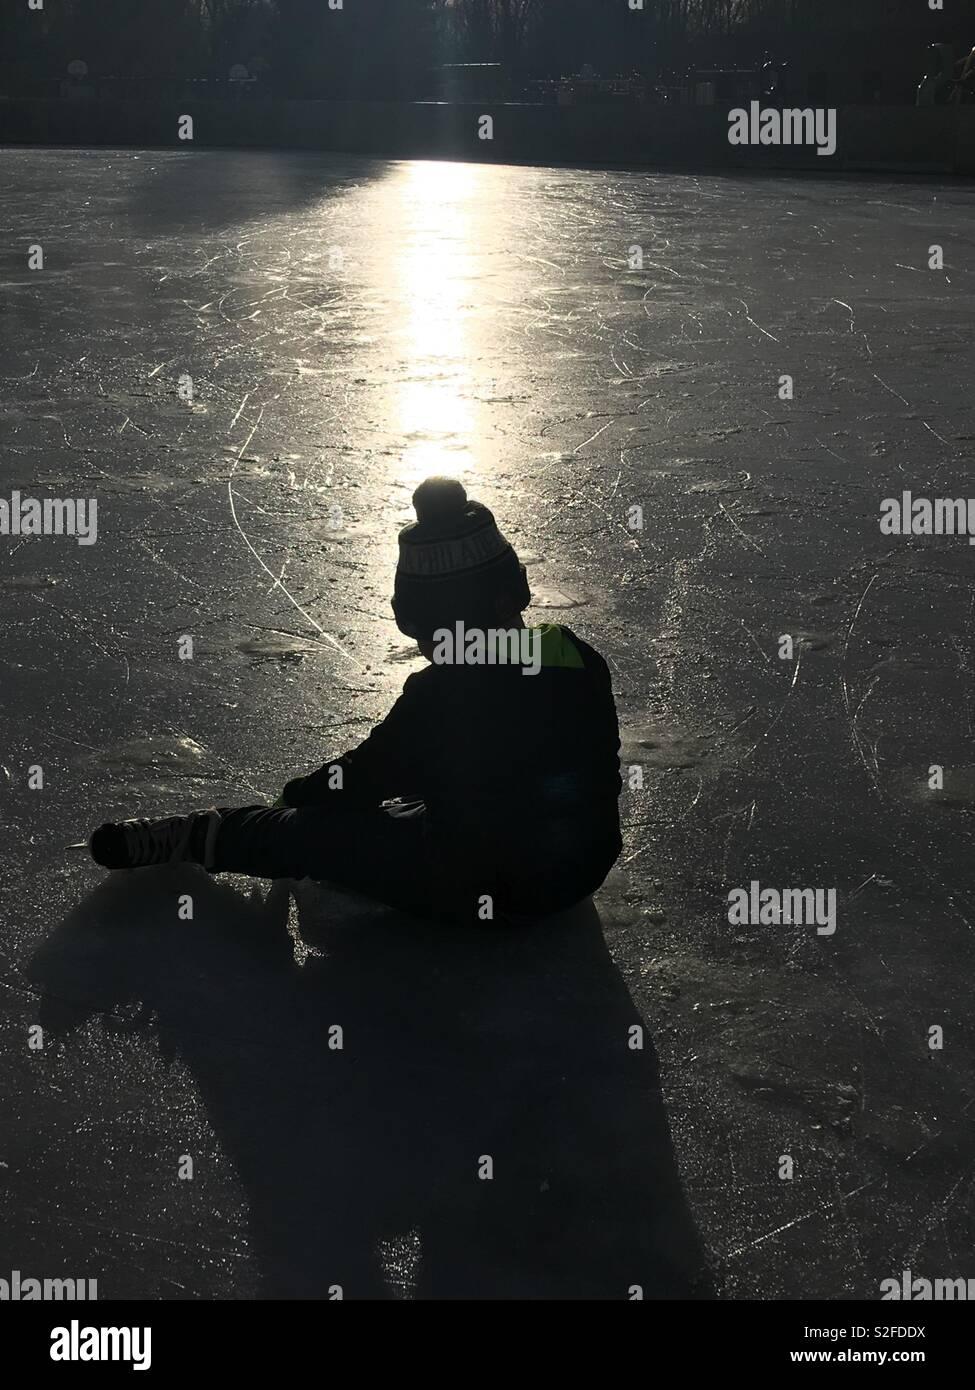 Boy ice skate sunset - Stock Image